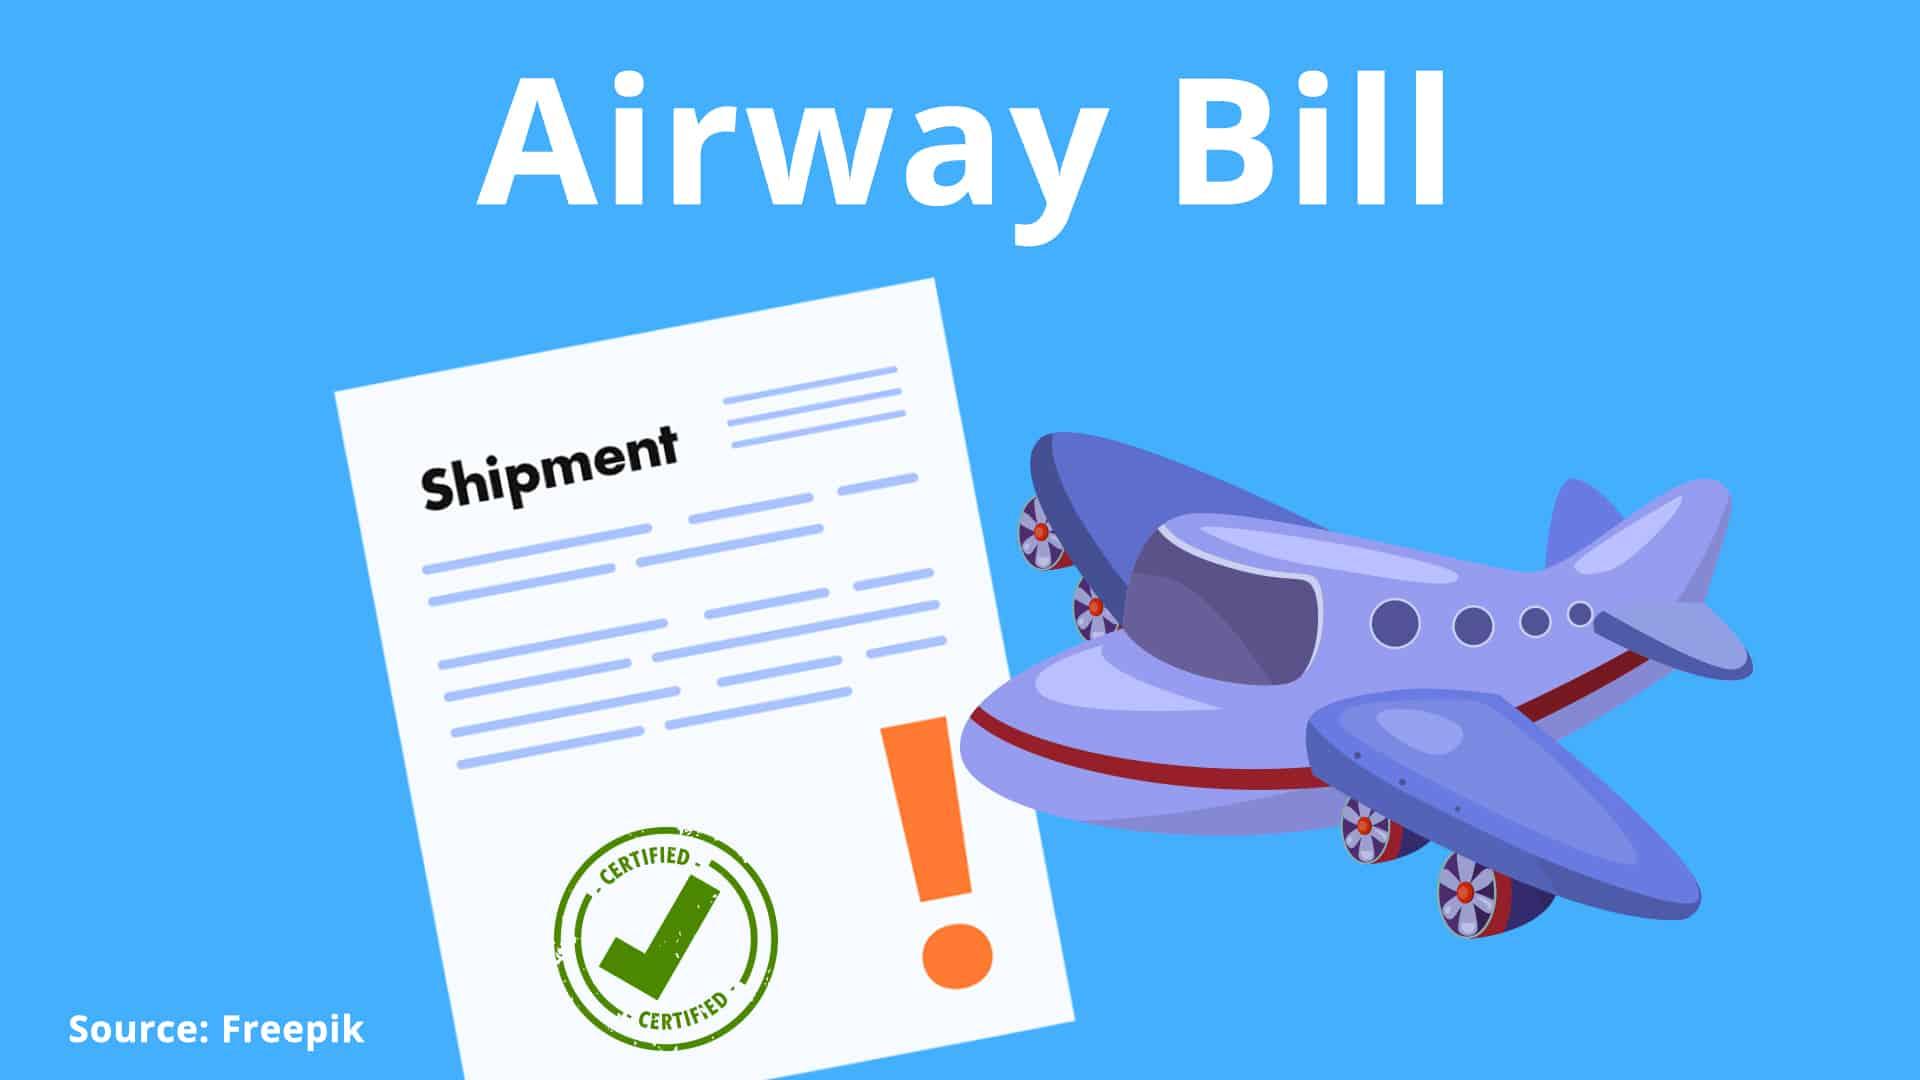 Airway Bill